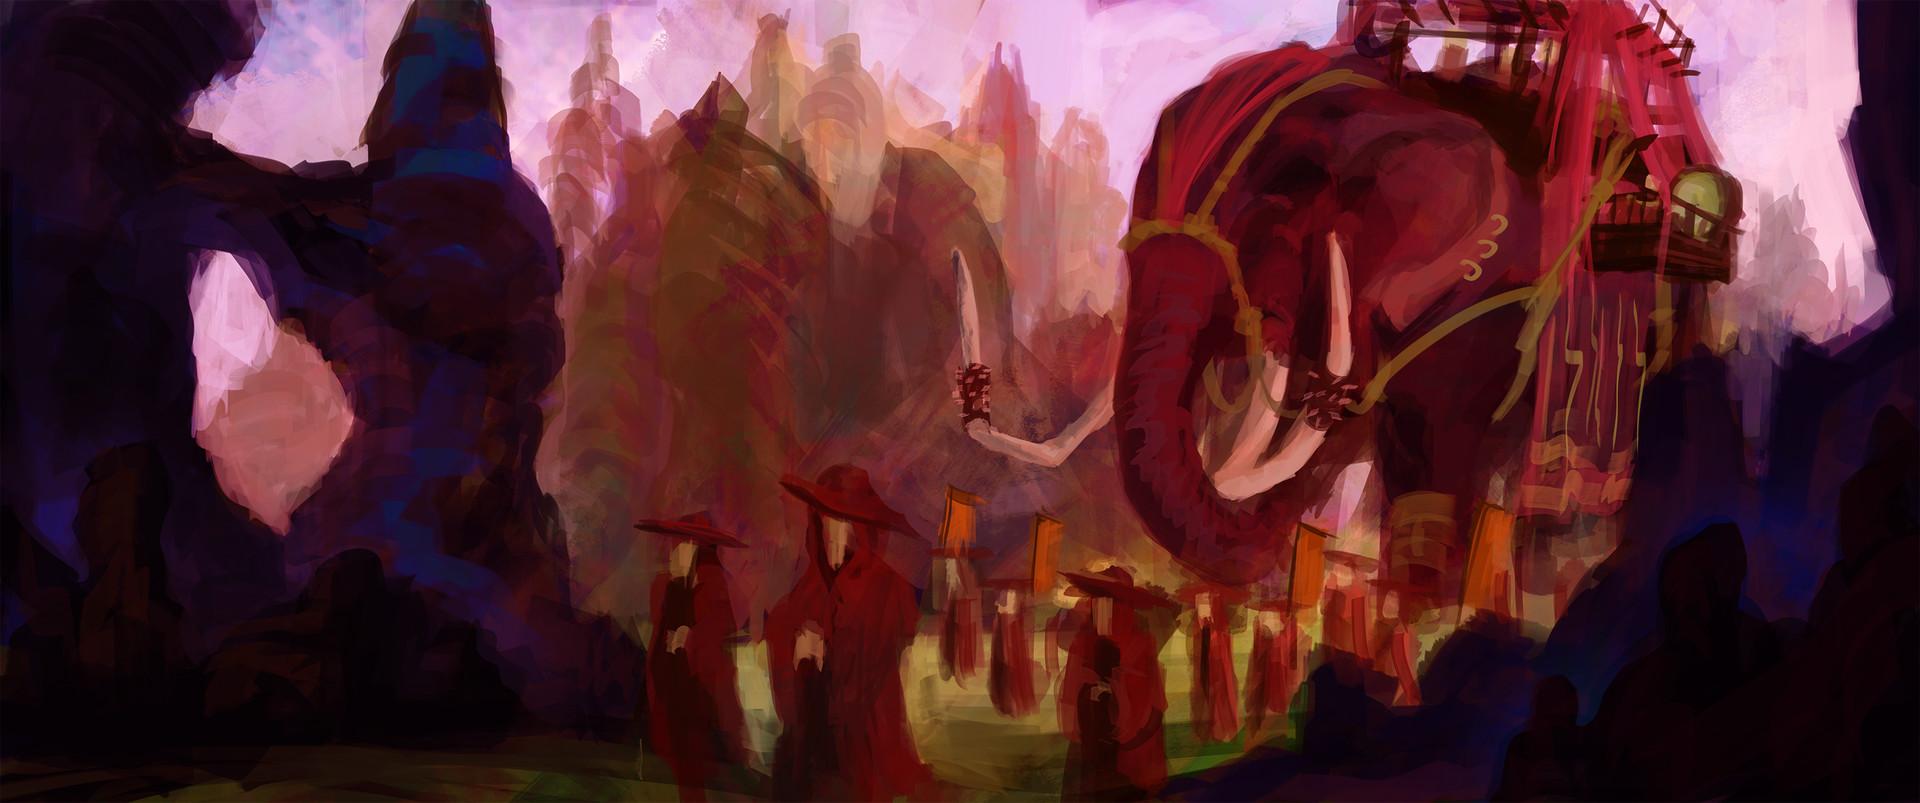 Jack dowell war elephant finished no 2 s